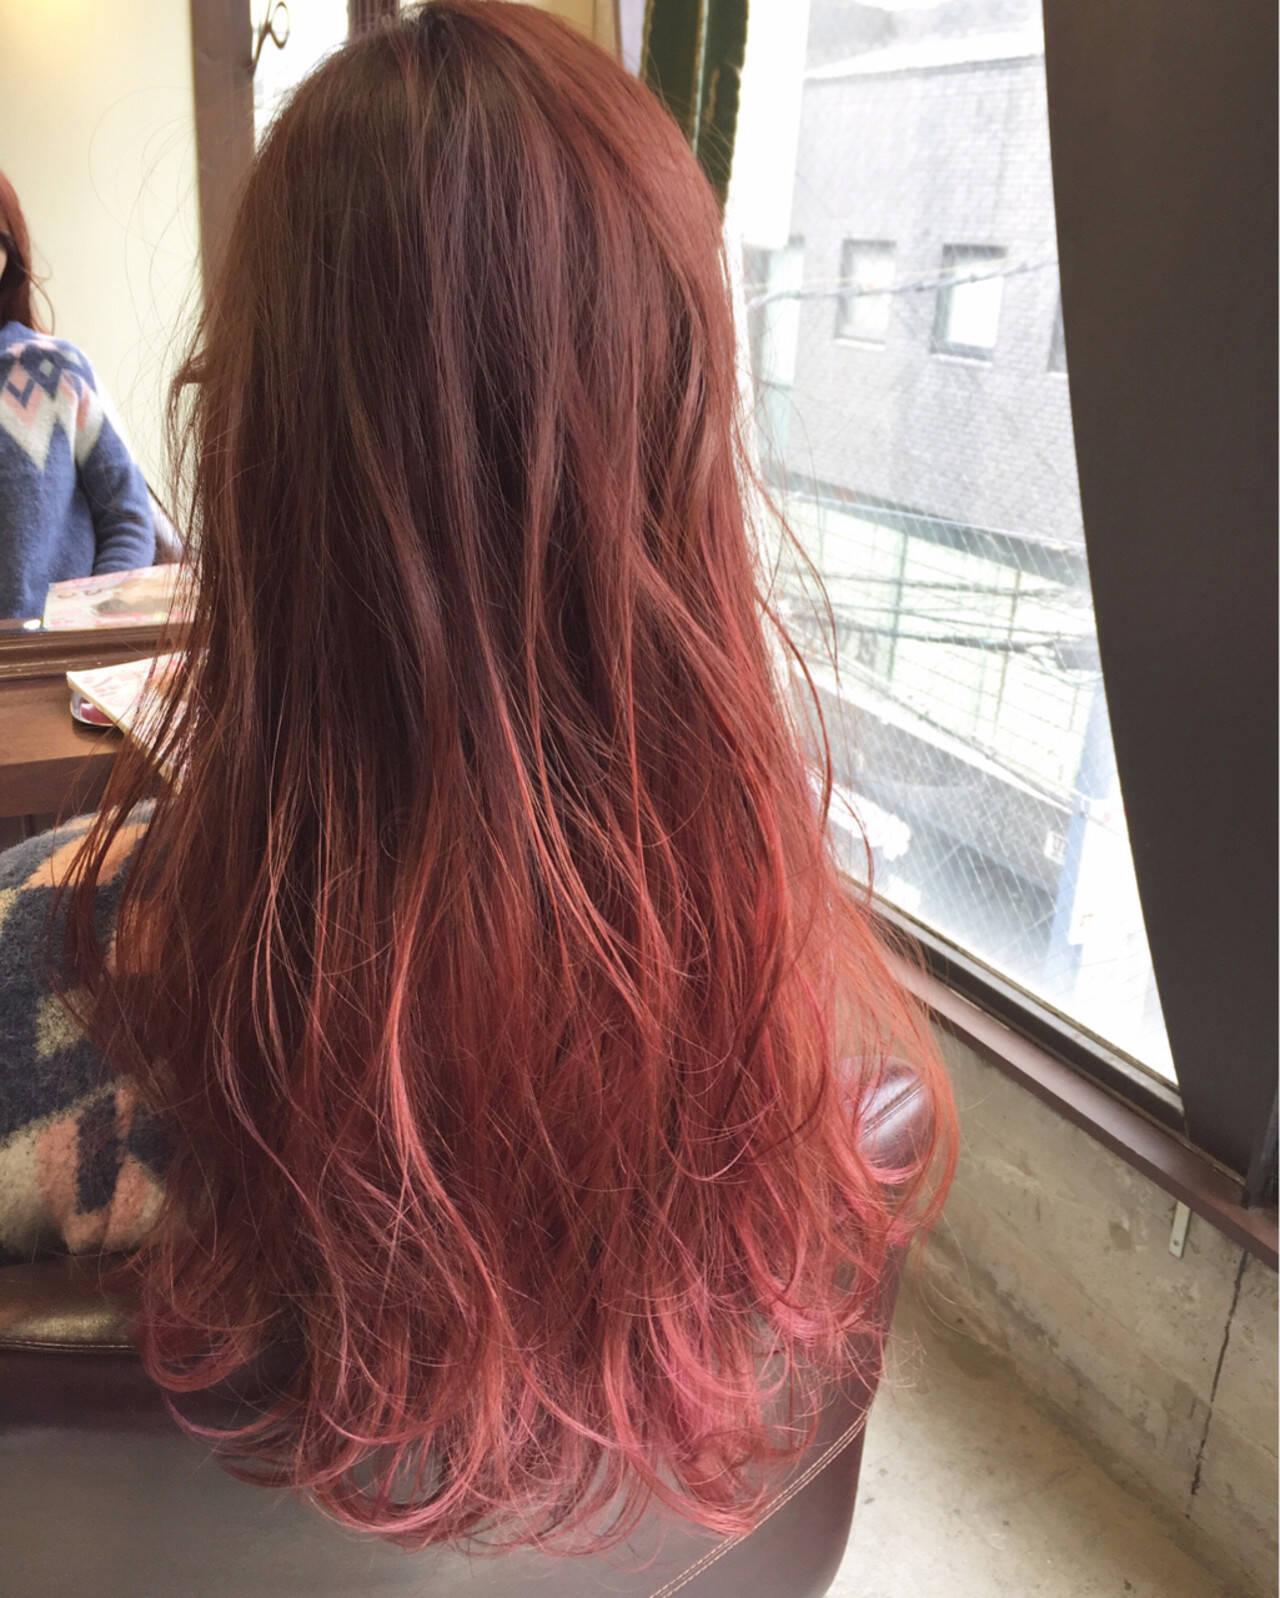 ガーリー ロング グラデーションカラー ピンクヘアスタイルや髪型の写真・画像